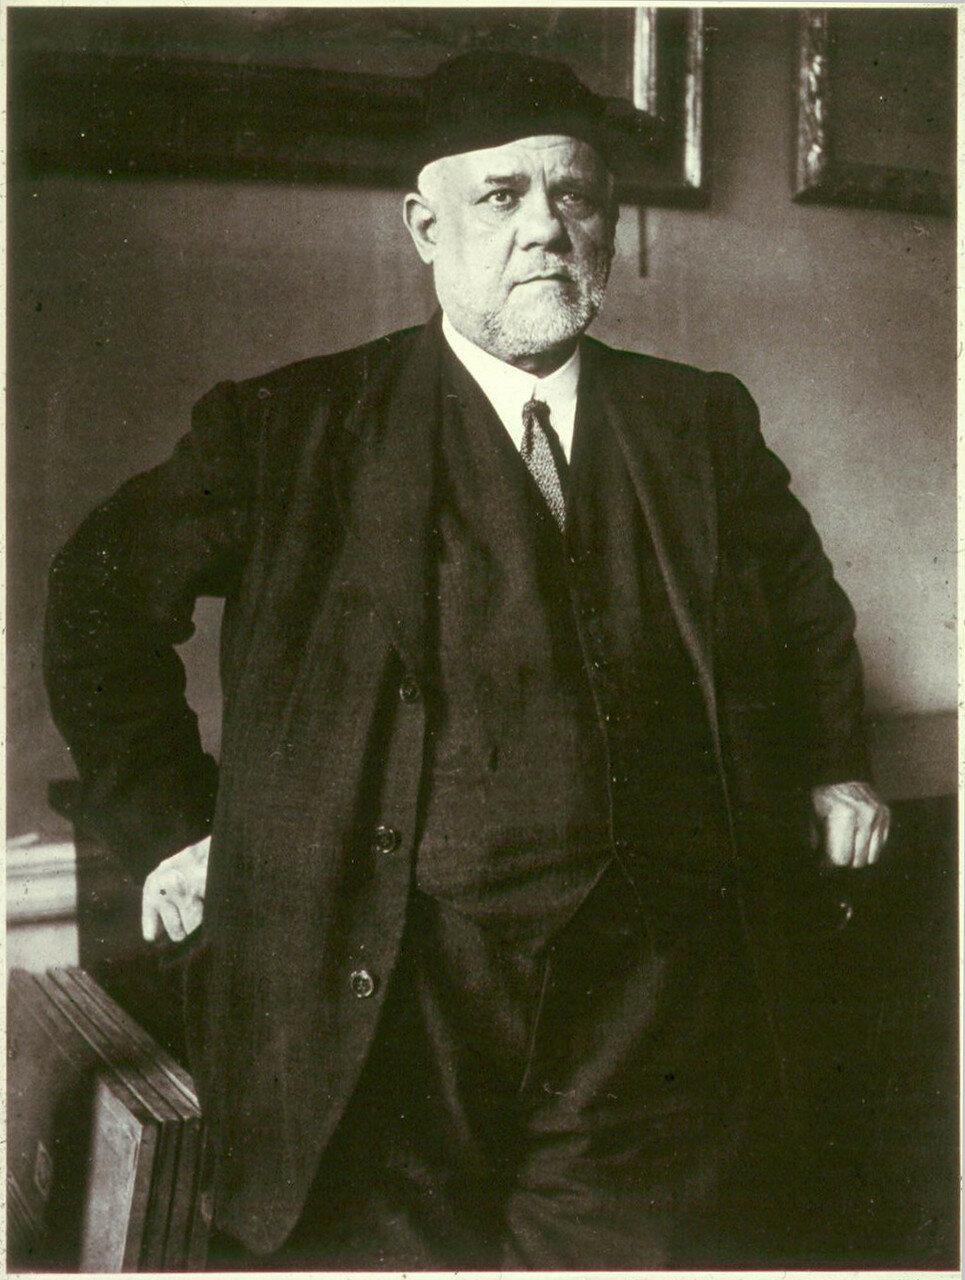 1934. Амбруаз Воллар, один из самых значительных торговцев произведениями искусства (маршанов) в Париже